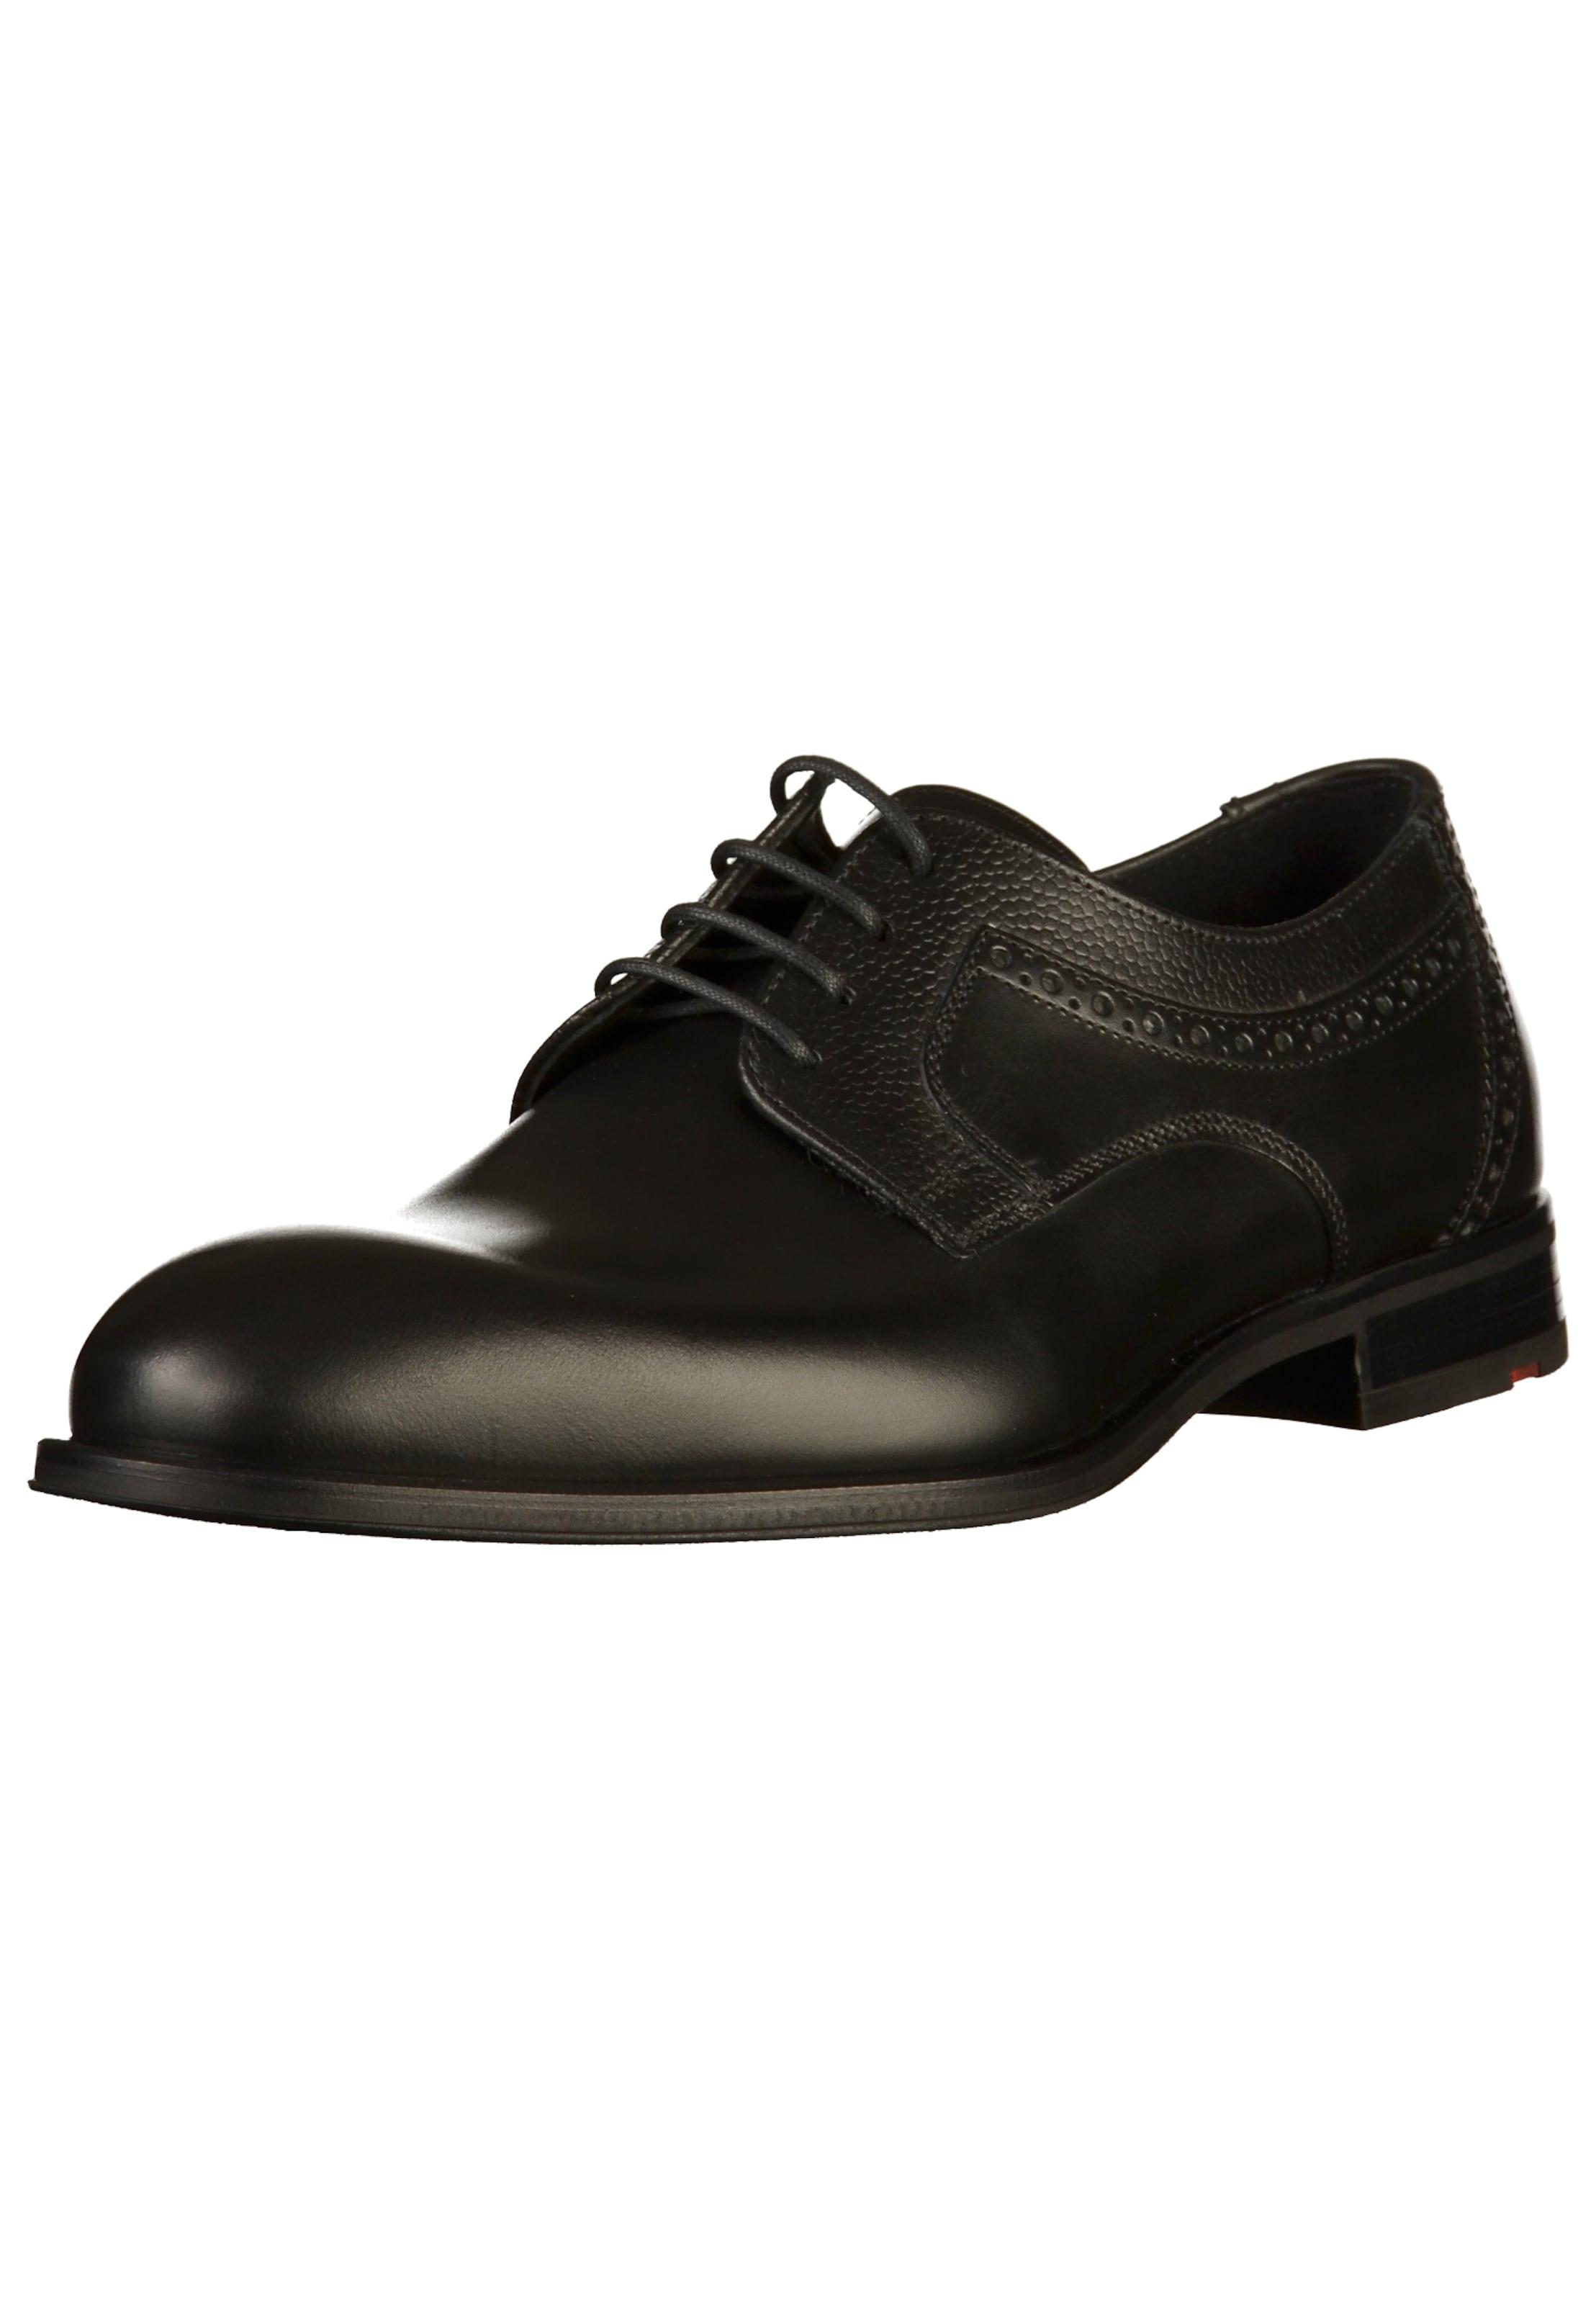 Lacets Lloyd À Chaussure Noir En zfBSBUwxqn